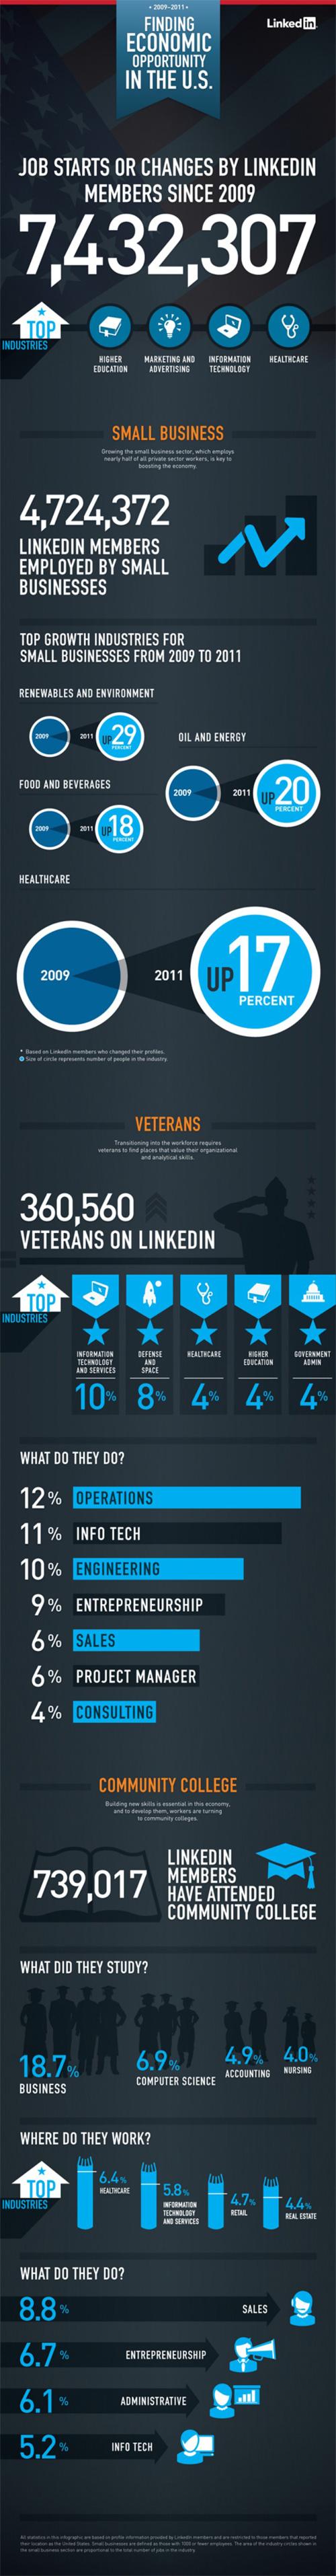 LinkedIn : Marché du travail en infographie